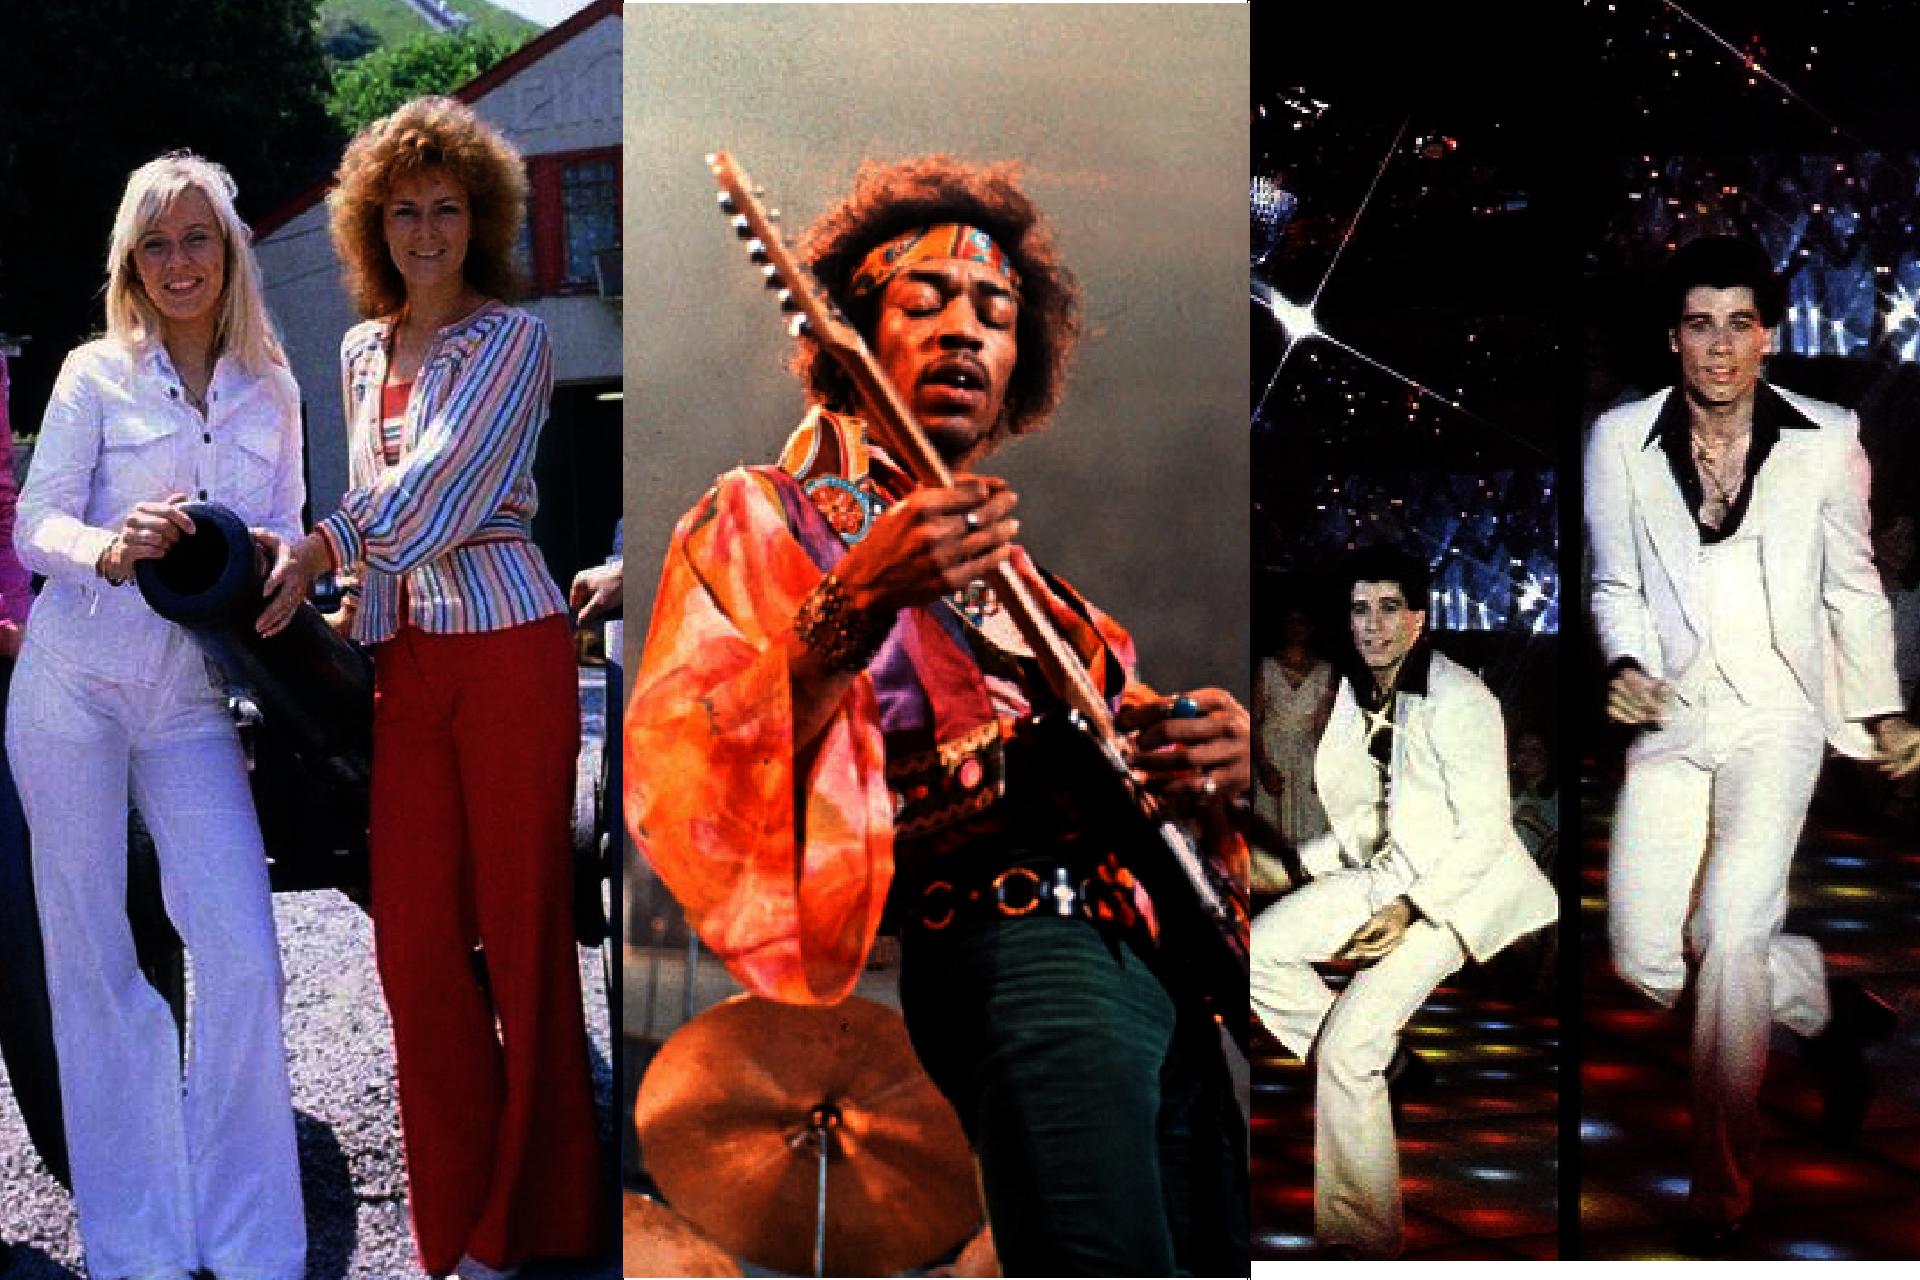 Historia mody męskiej, lata 70. w modzie męskiej, Styl hipisowski, Styl Abby, Styl Disco